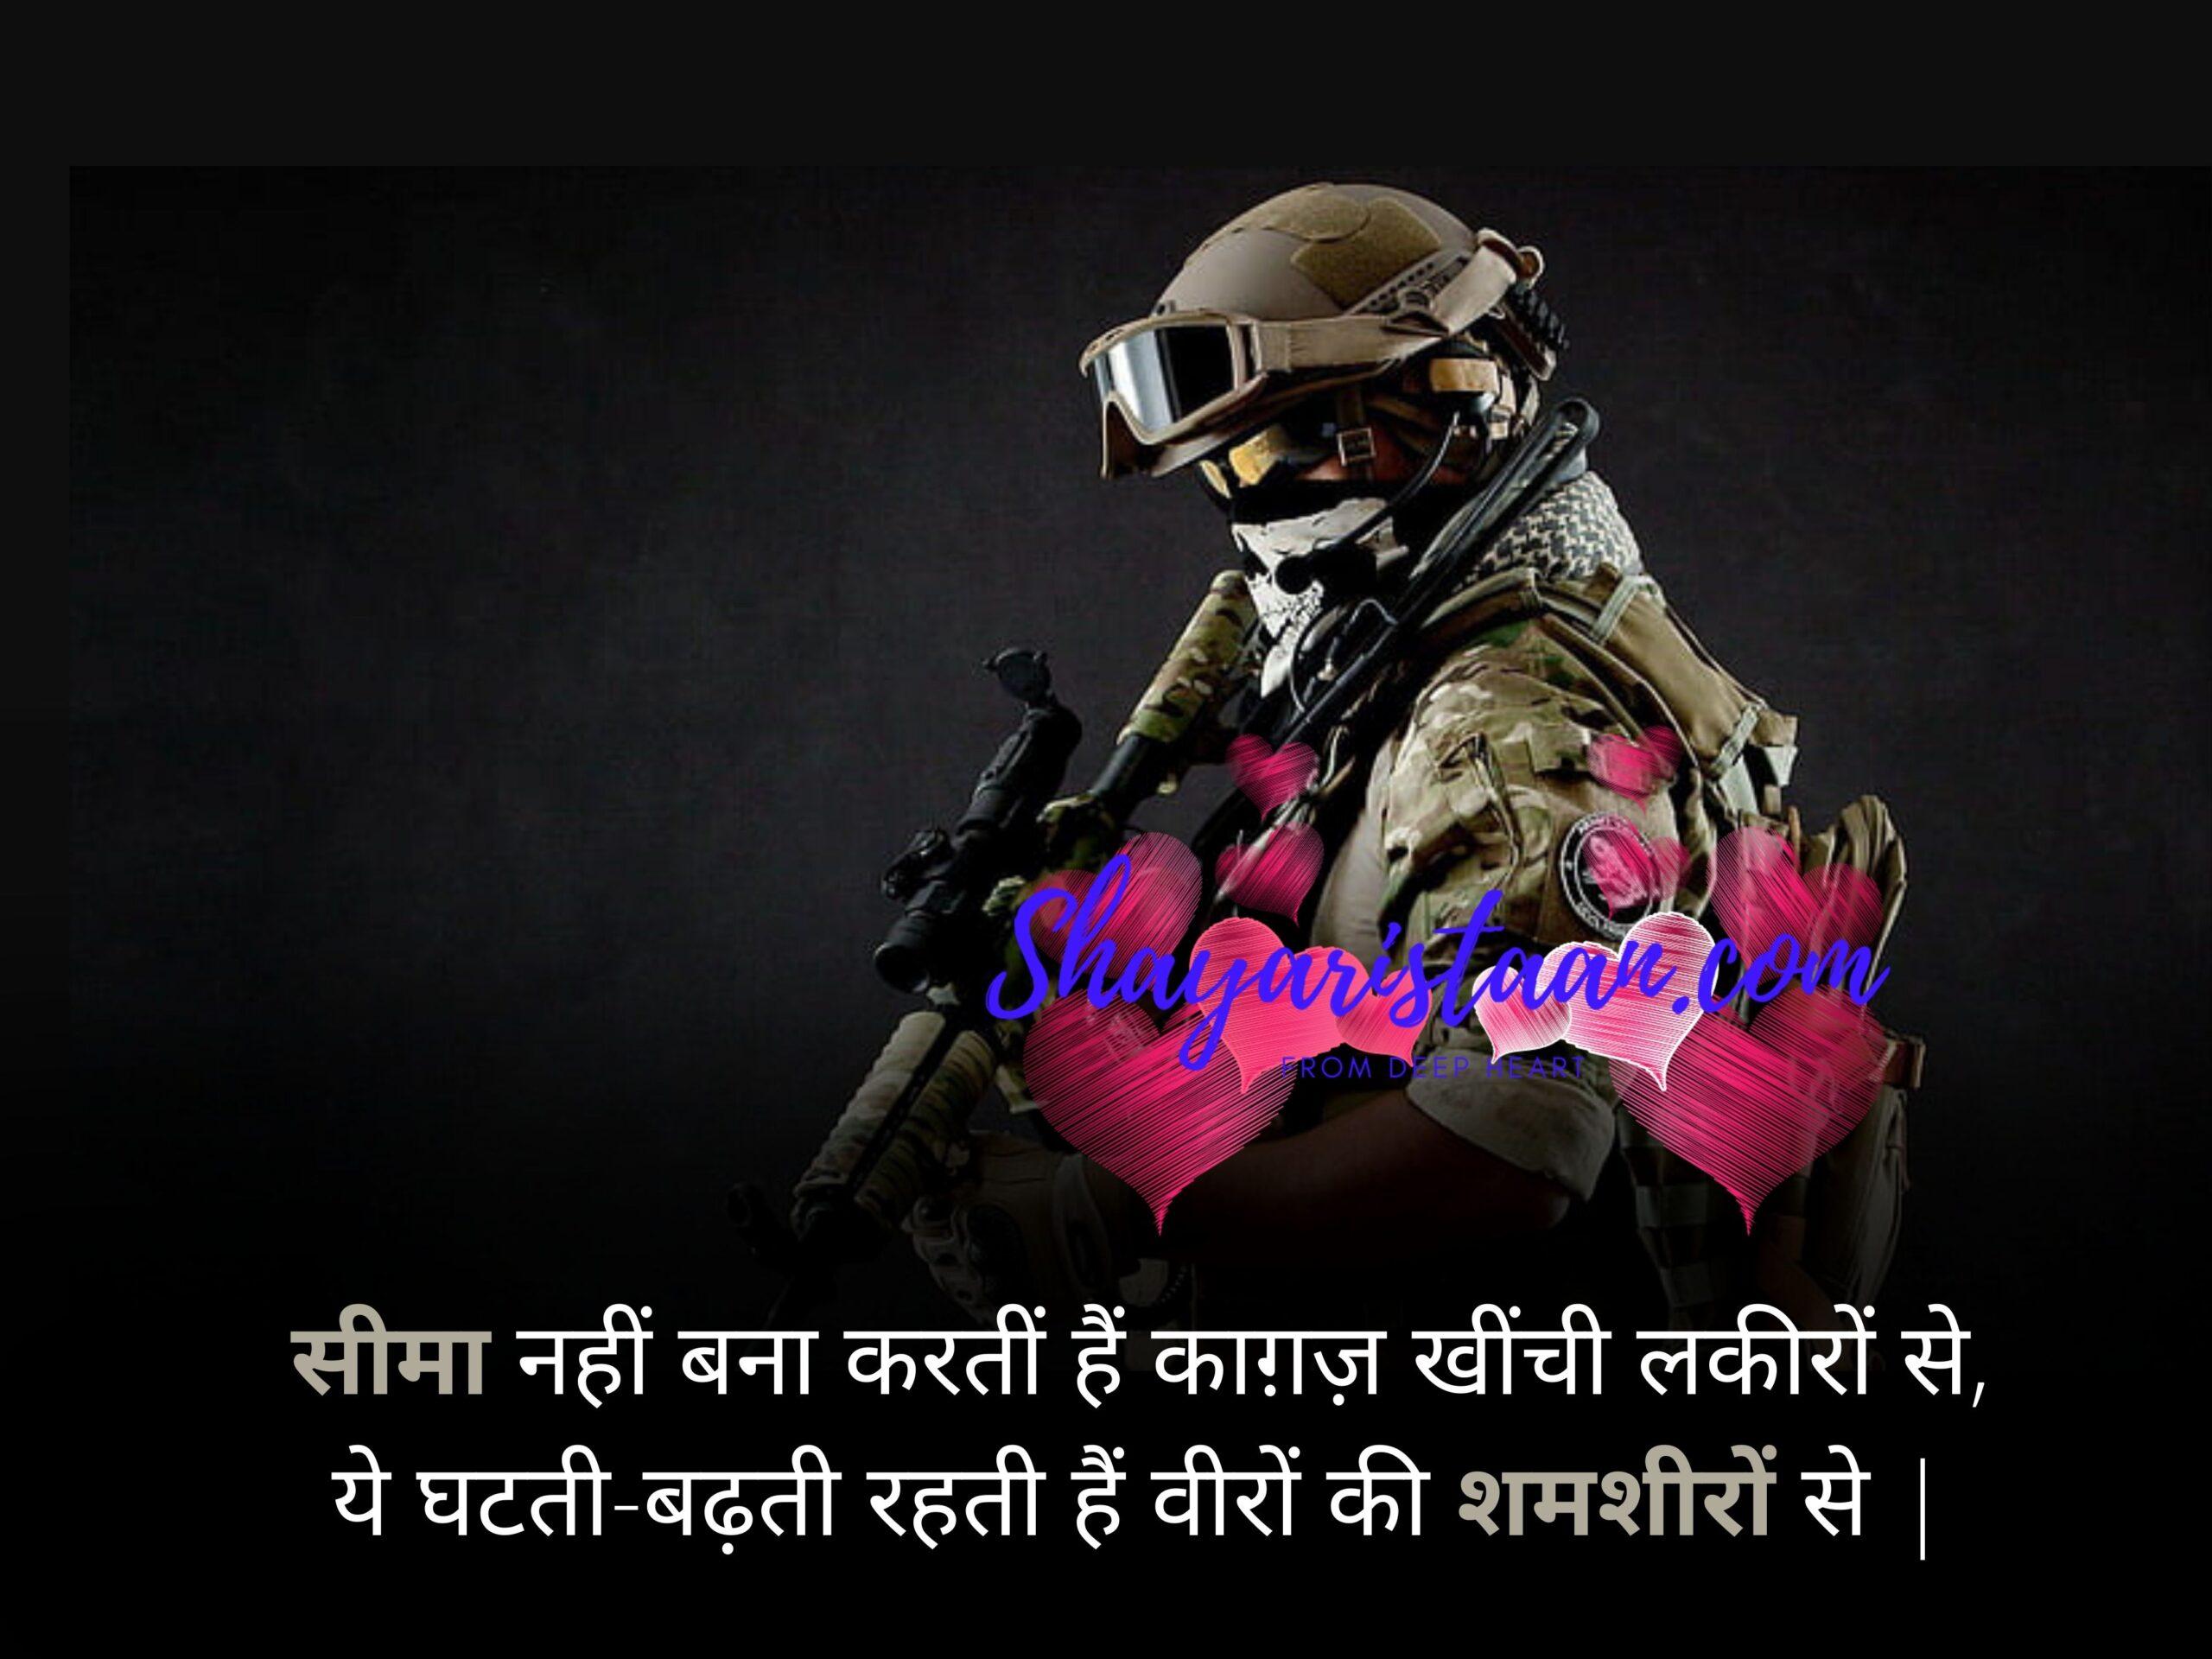 army status in hindi | सीमा नहीं बना करतीं हैं काग़ज़ खींची लकीरों से, ये घटती-बढ़ती रहती हैं वीरों की शमशीरों से |